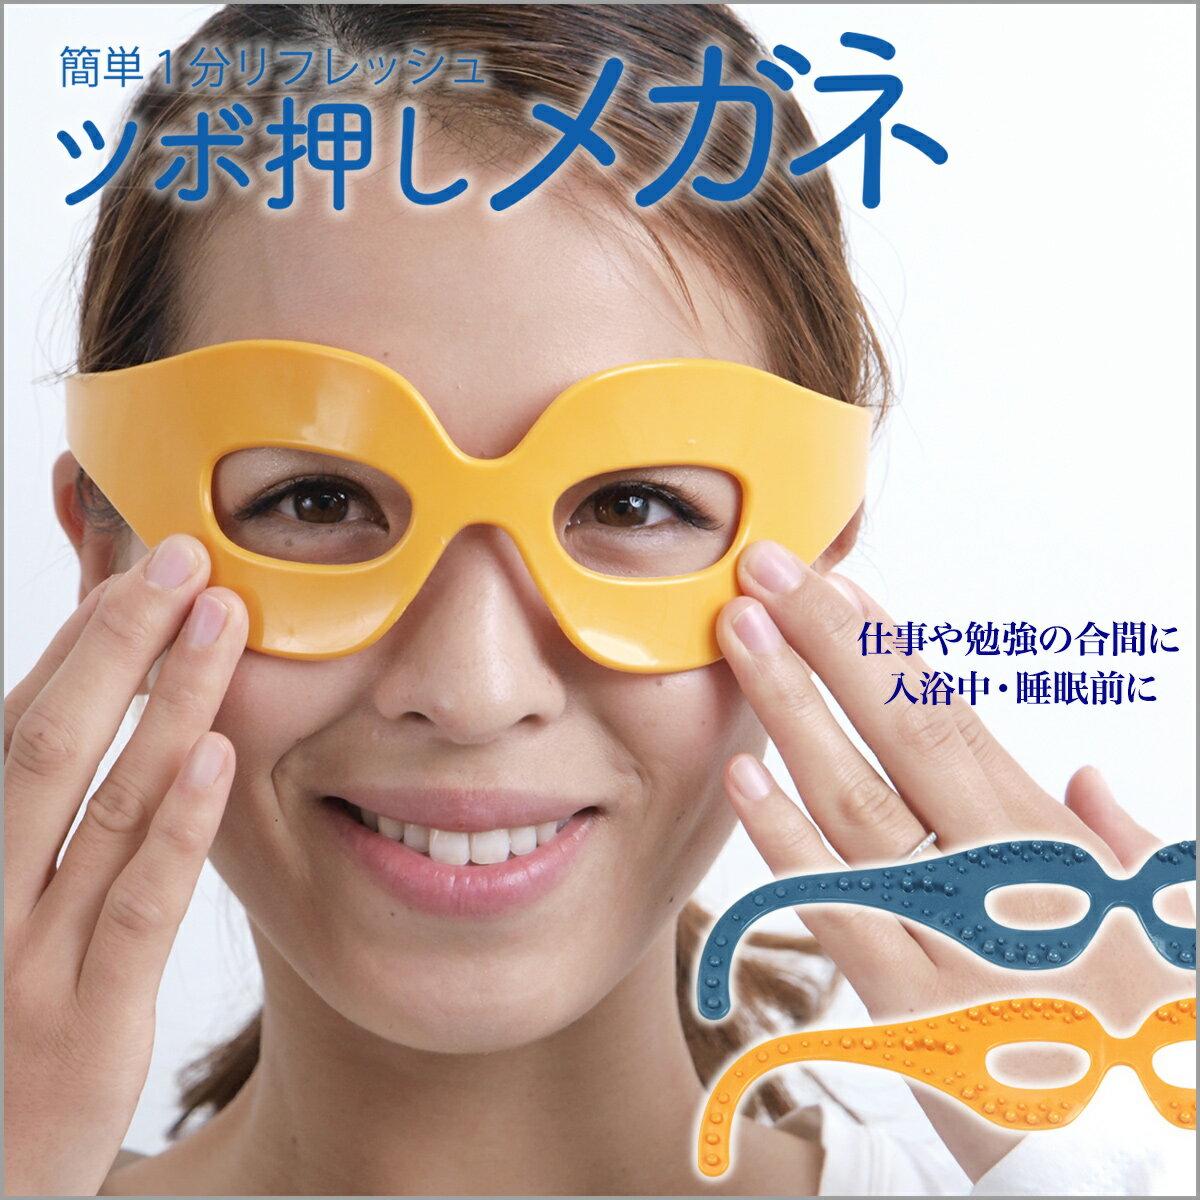 ツボ押し アイマスクメガネタイプ 美容 グッズ 目まわりすっきり目元 ツボ押しグッズ エステ 目マッサージ ツボ マッサージ つぼおし リラックス 小顔 むくみ 美顔 リラクゼーション メガネ FI7048